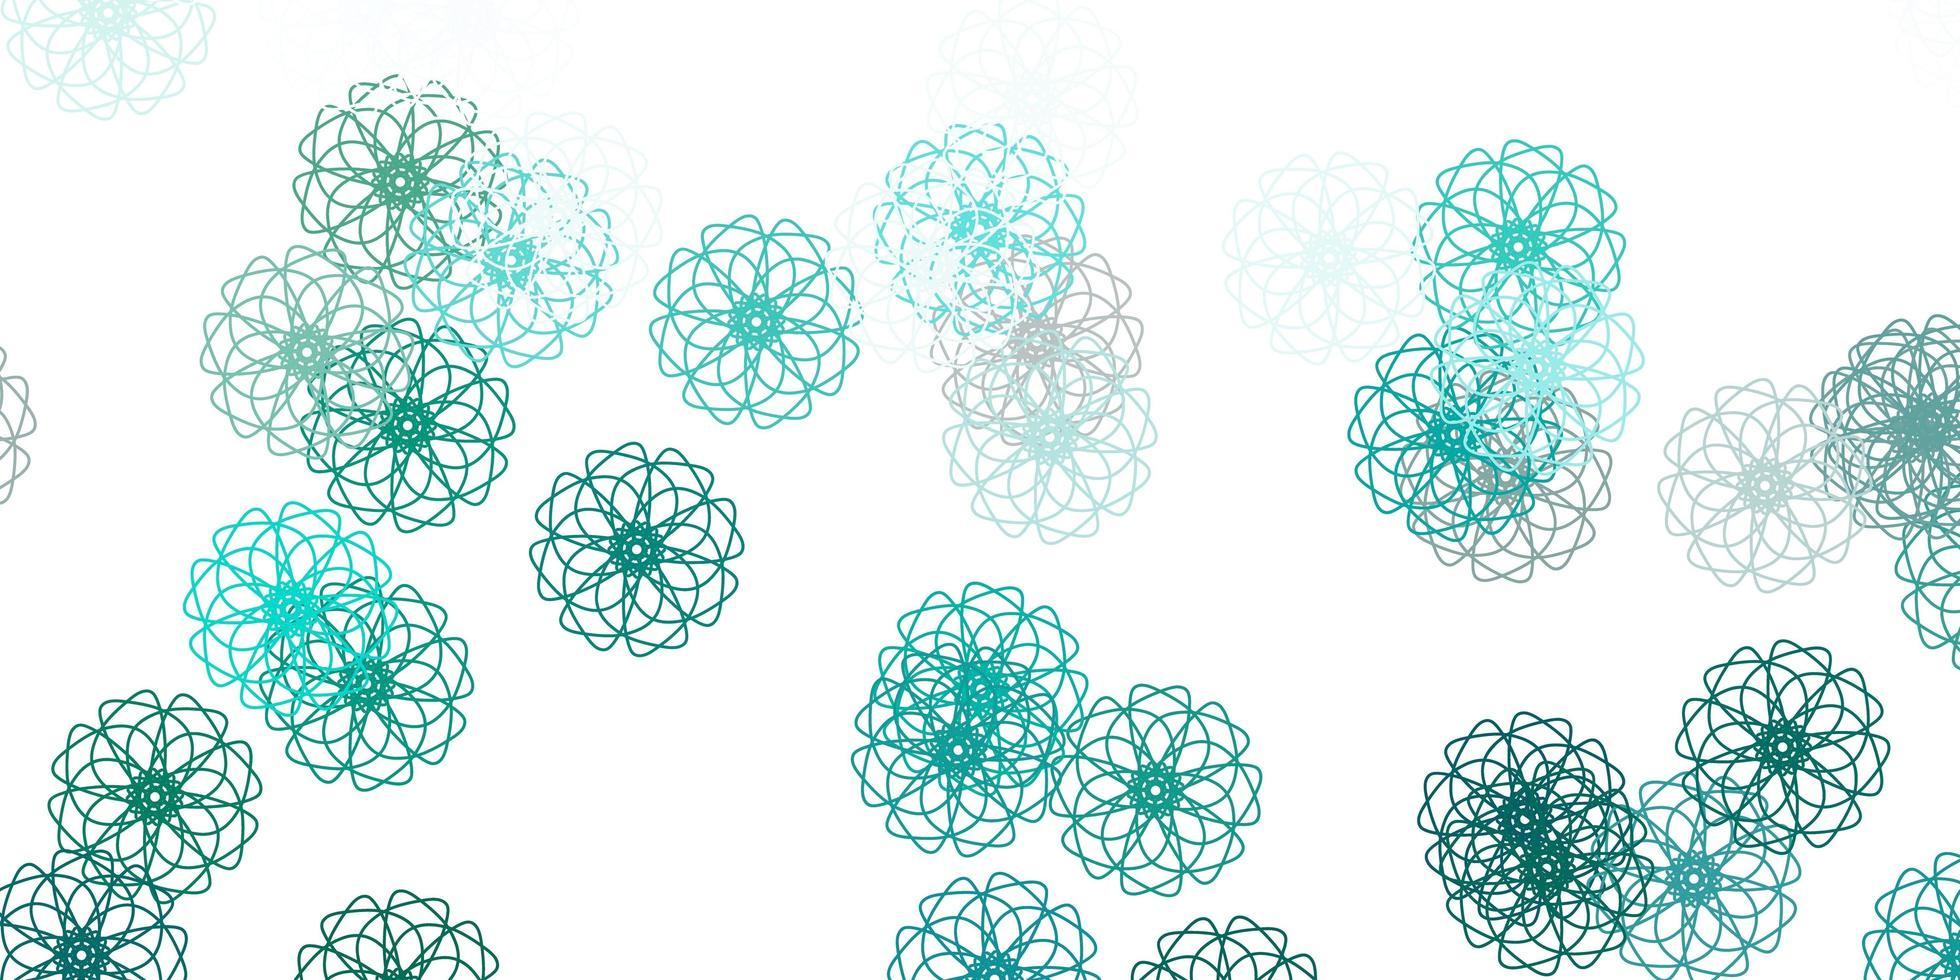 natürlicher Hintergrund des hellblauen, grünen Vektors mit Blumen. vektor